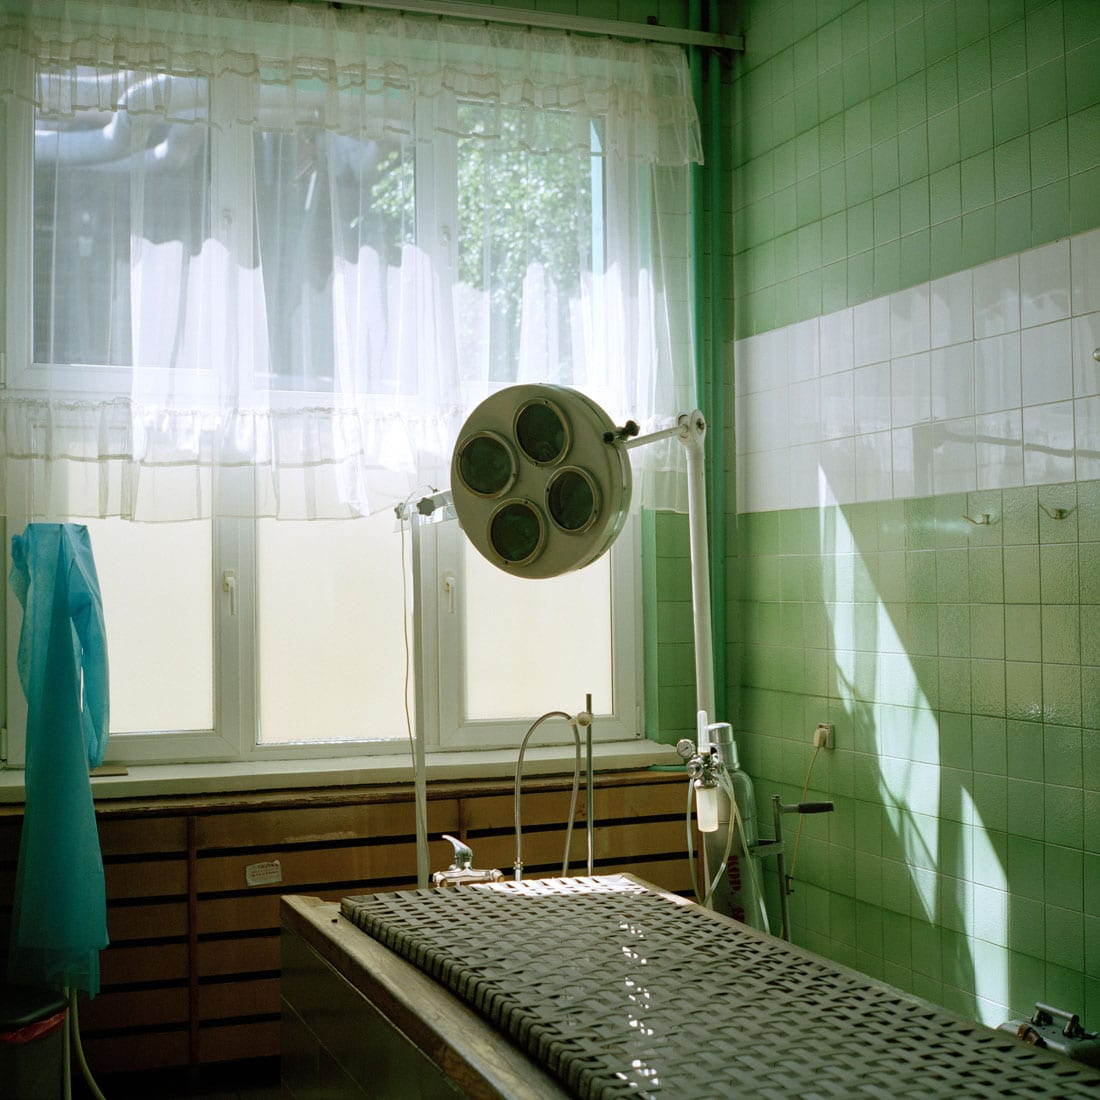 Polen, Knurow, 07-05-2008 Steenkolen mijn KWK Szczyglowice in Knurow. Operatie tafel in de Kolenmijn bij de medische afdeling. PHOTO AND COPYRIGHT ROGER CREMERS